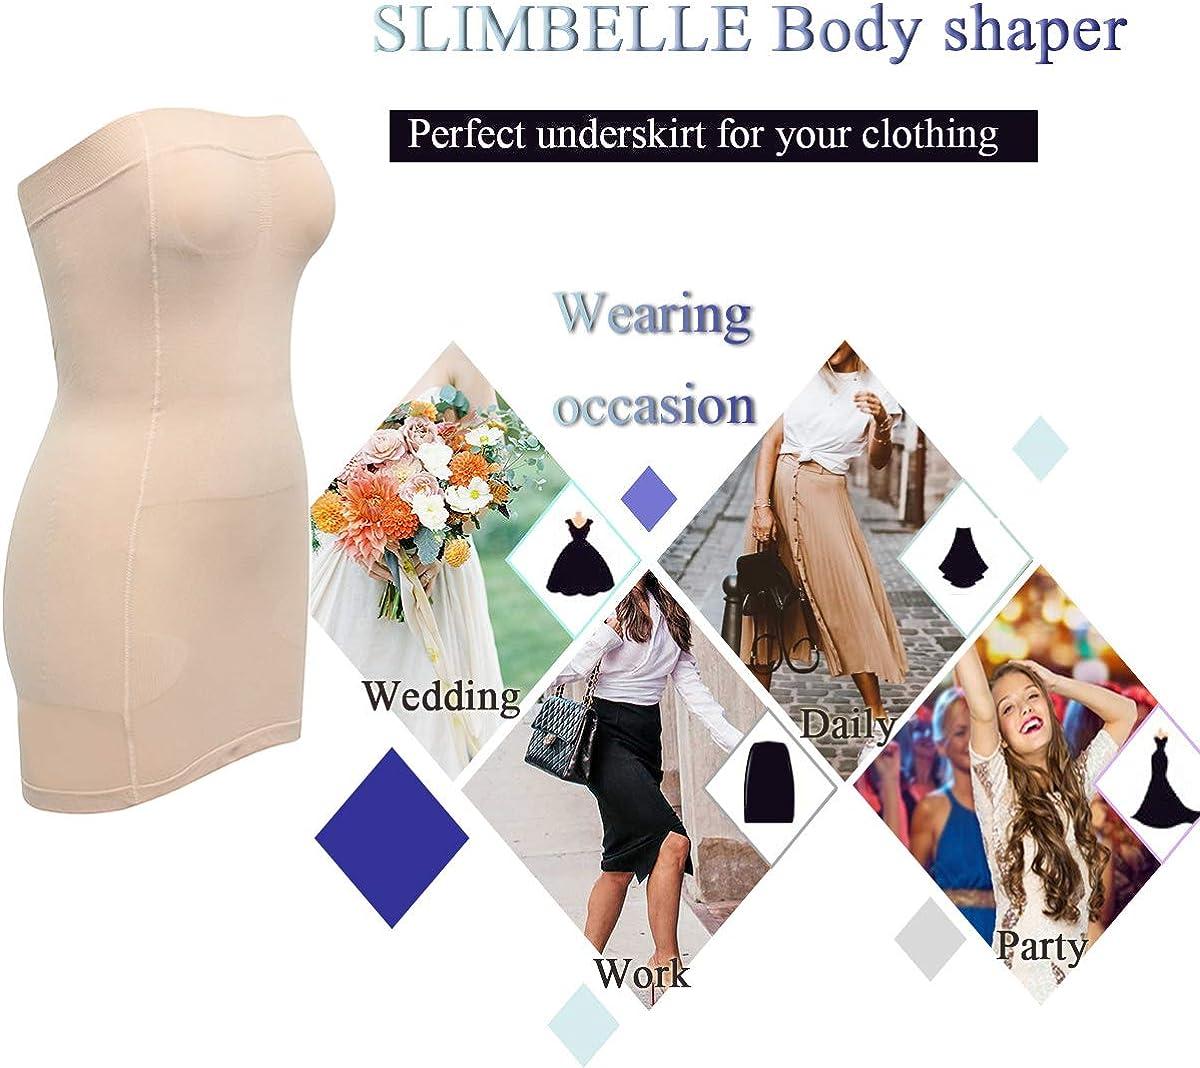 SLIMBELLE Donna Sottoveste Modellante Senza Spalline Shapewear Tratto Tube Top Snellente Formale Corpetto Body Shaper Vestito Shaping Slip Mini Vestito Intimo per Abito da Sposa